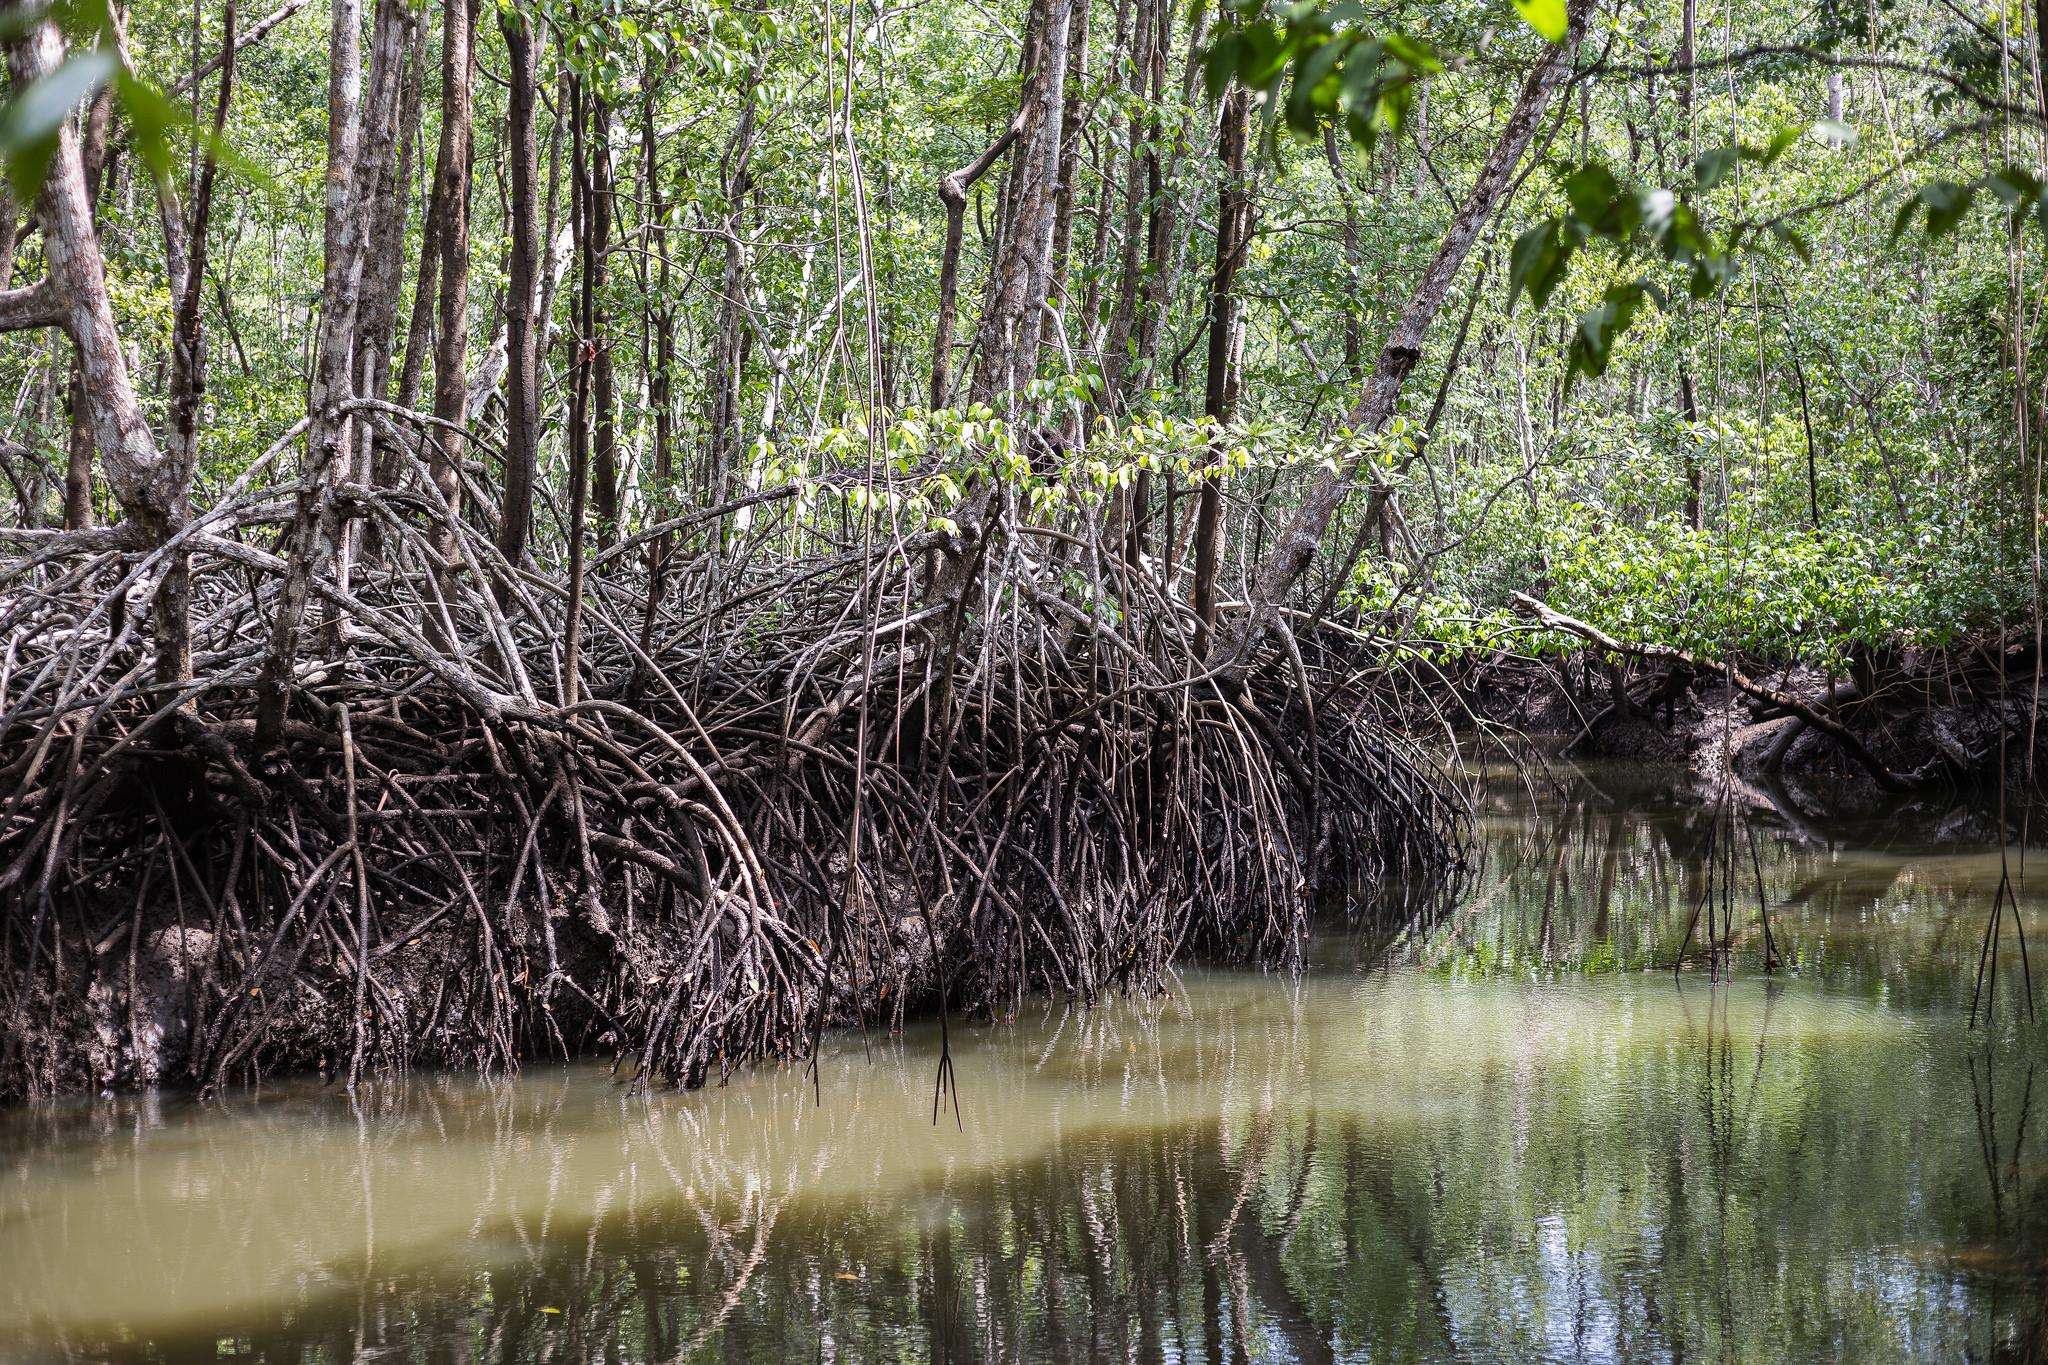 Feuchtgebiete wie dieser Mangrovenwald werden von ForestFinance geschützt. Foto: ForestFinance